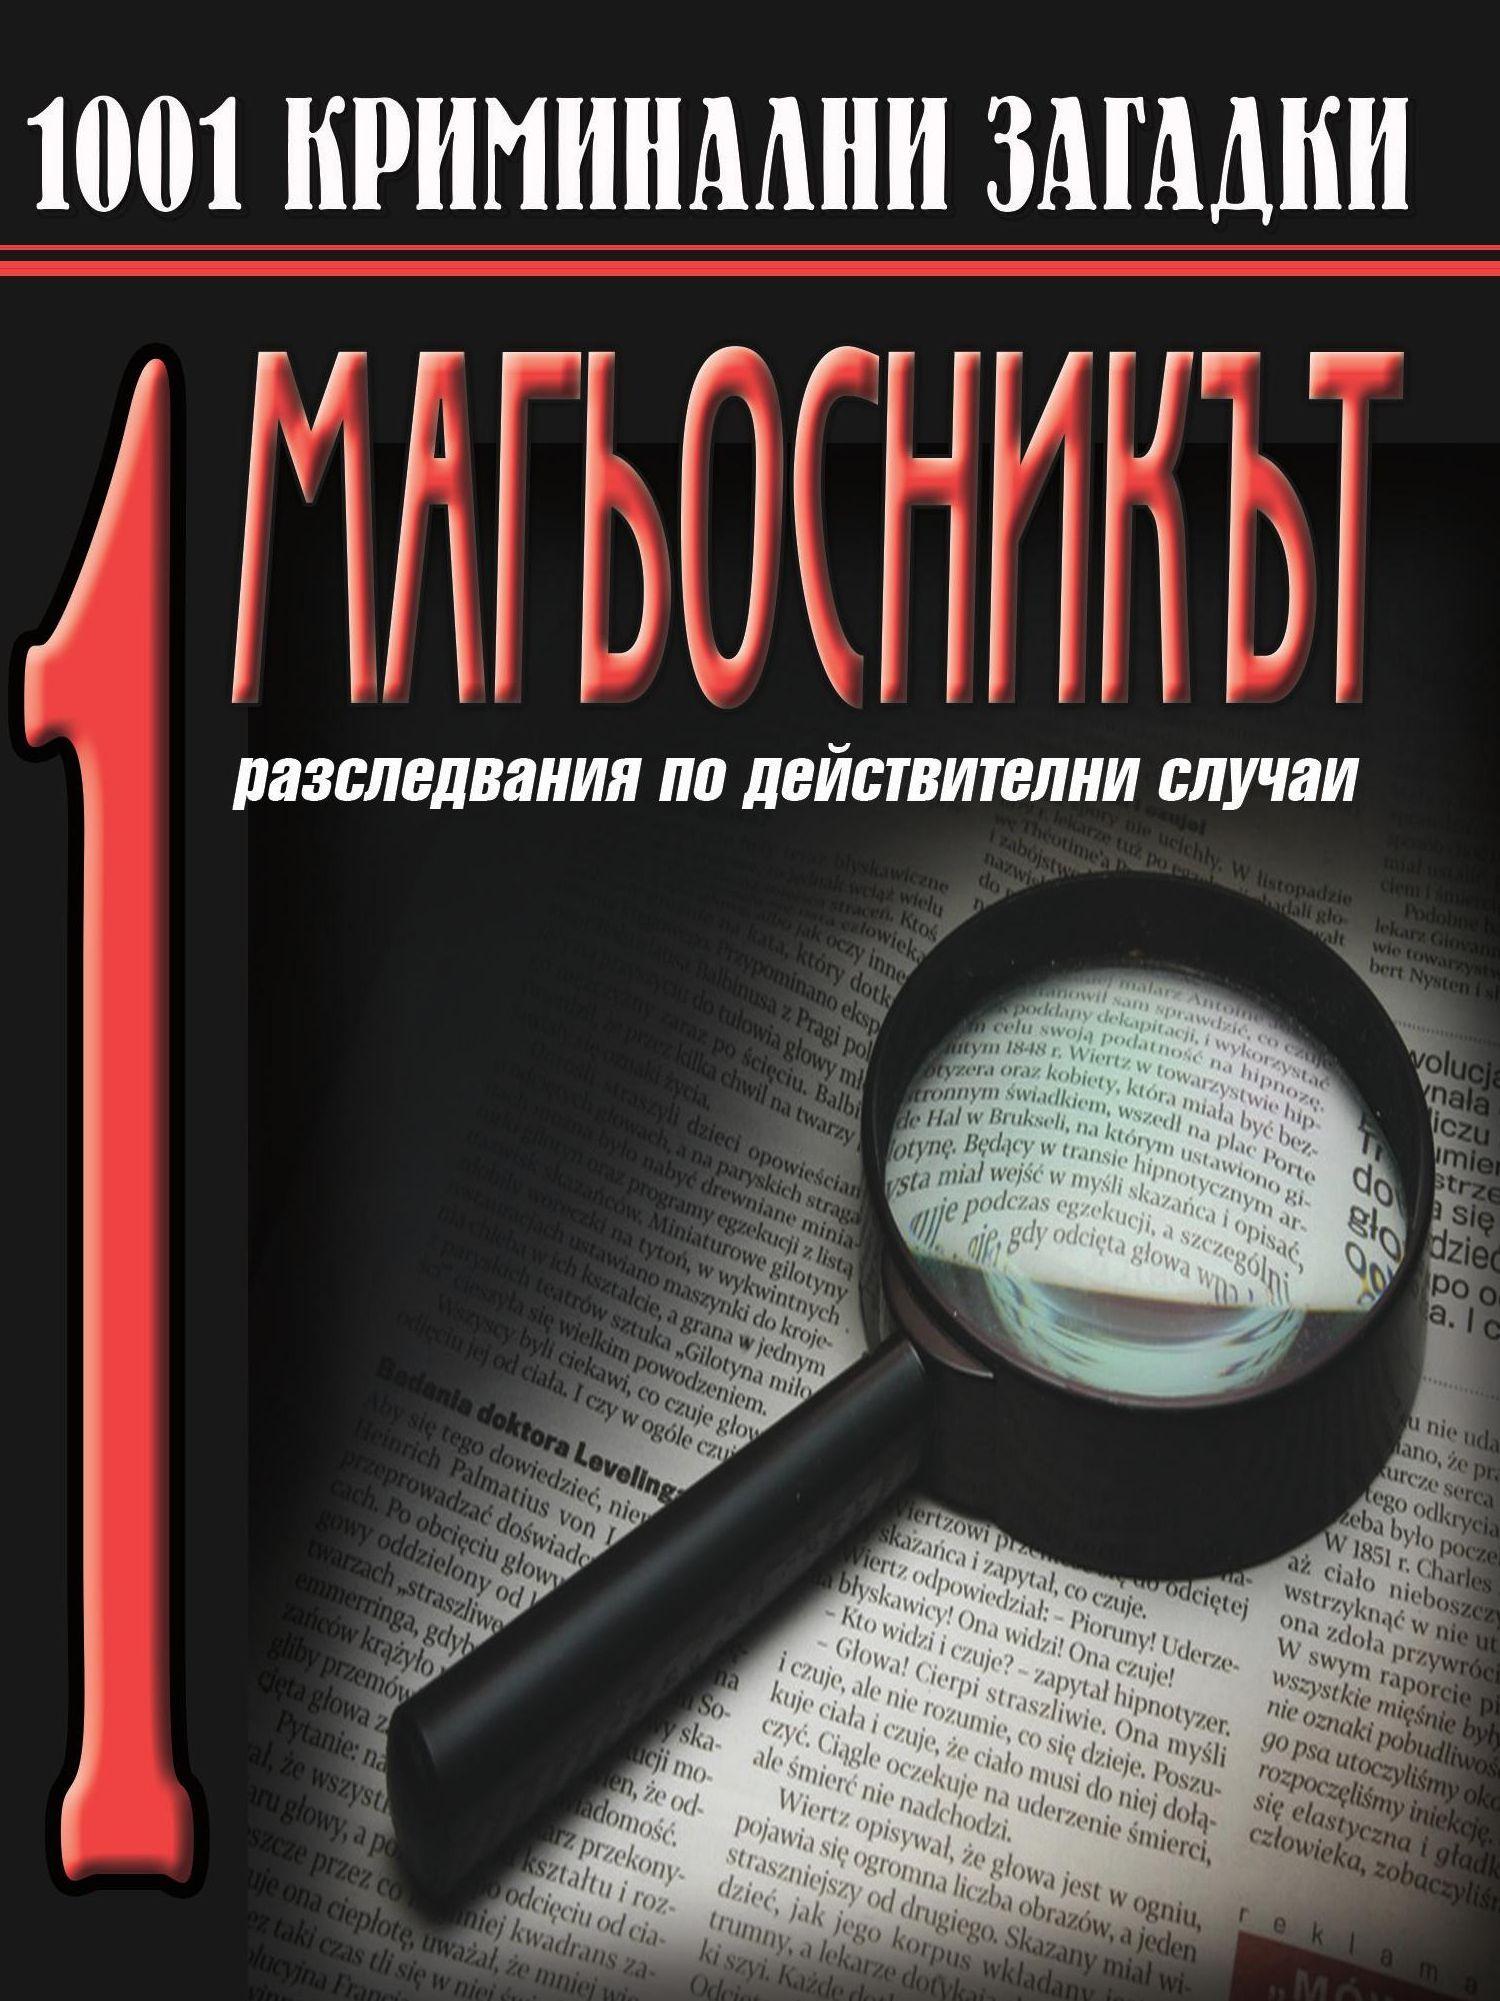 1001 криминални загадки - книга 1 - 1